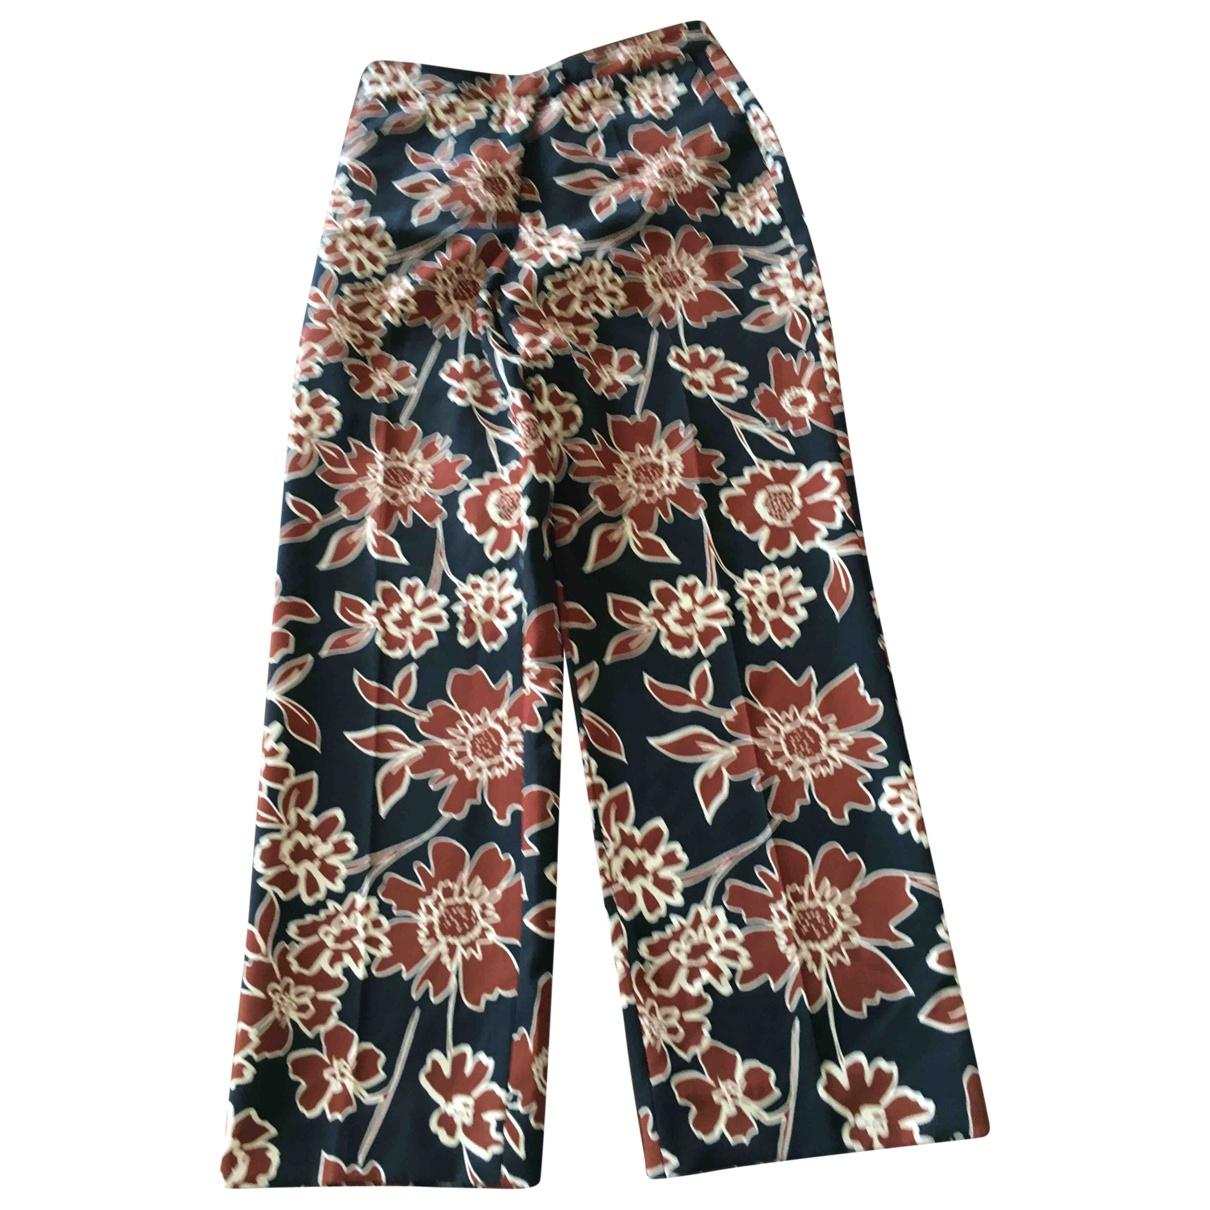 Zara \N Trousers for Women M International